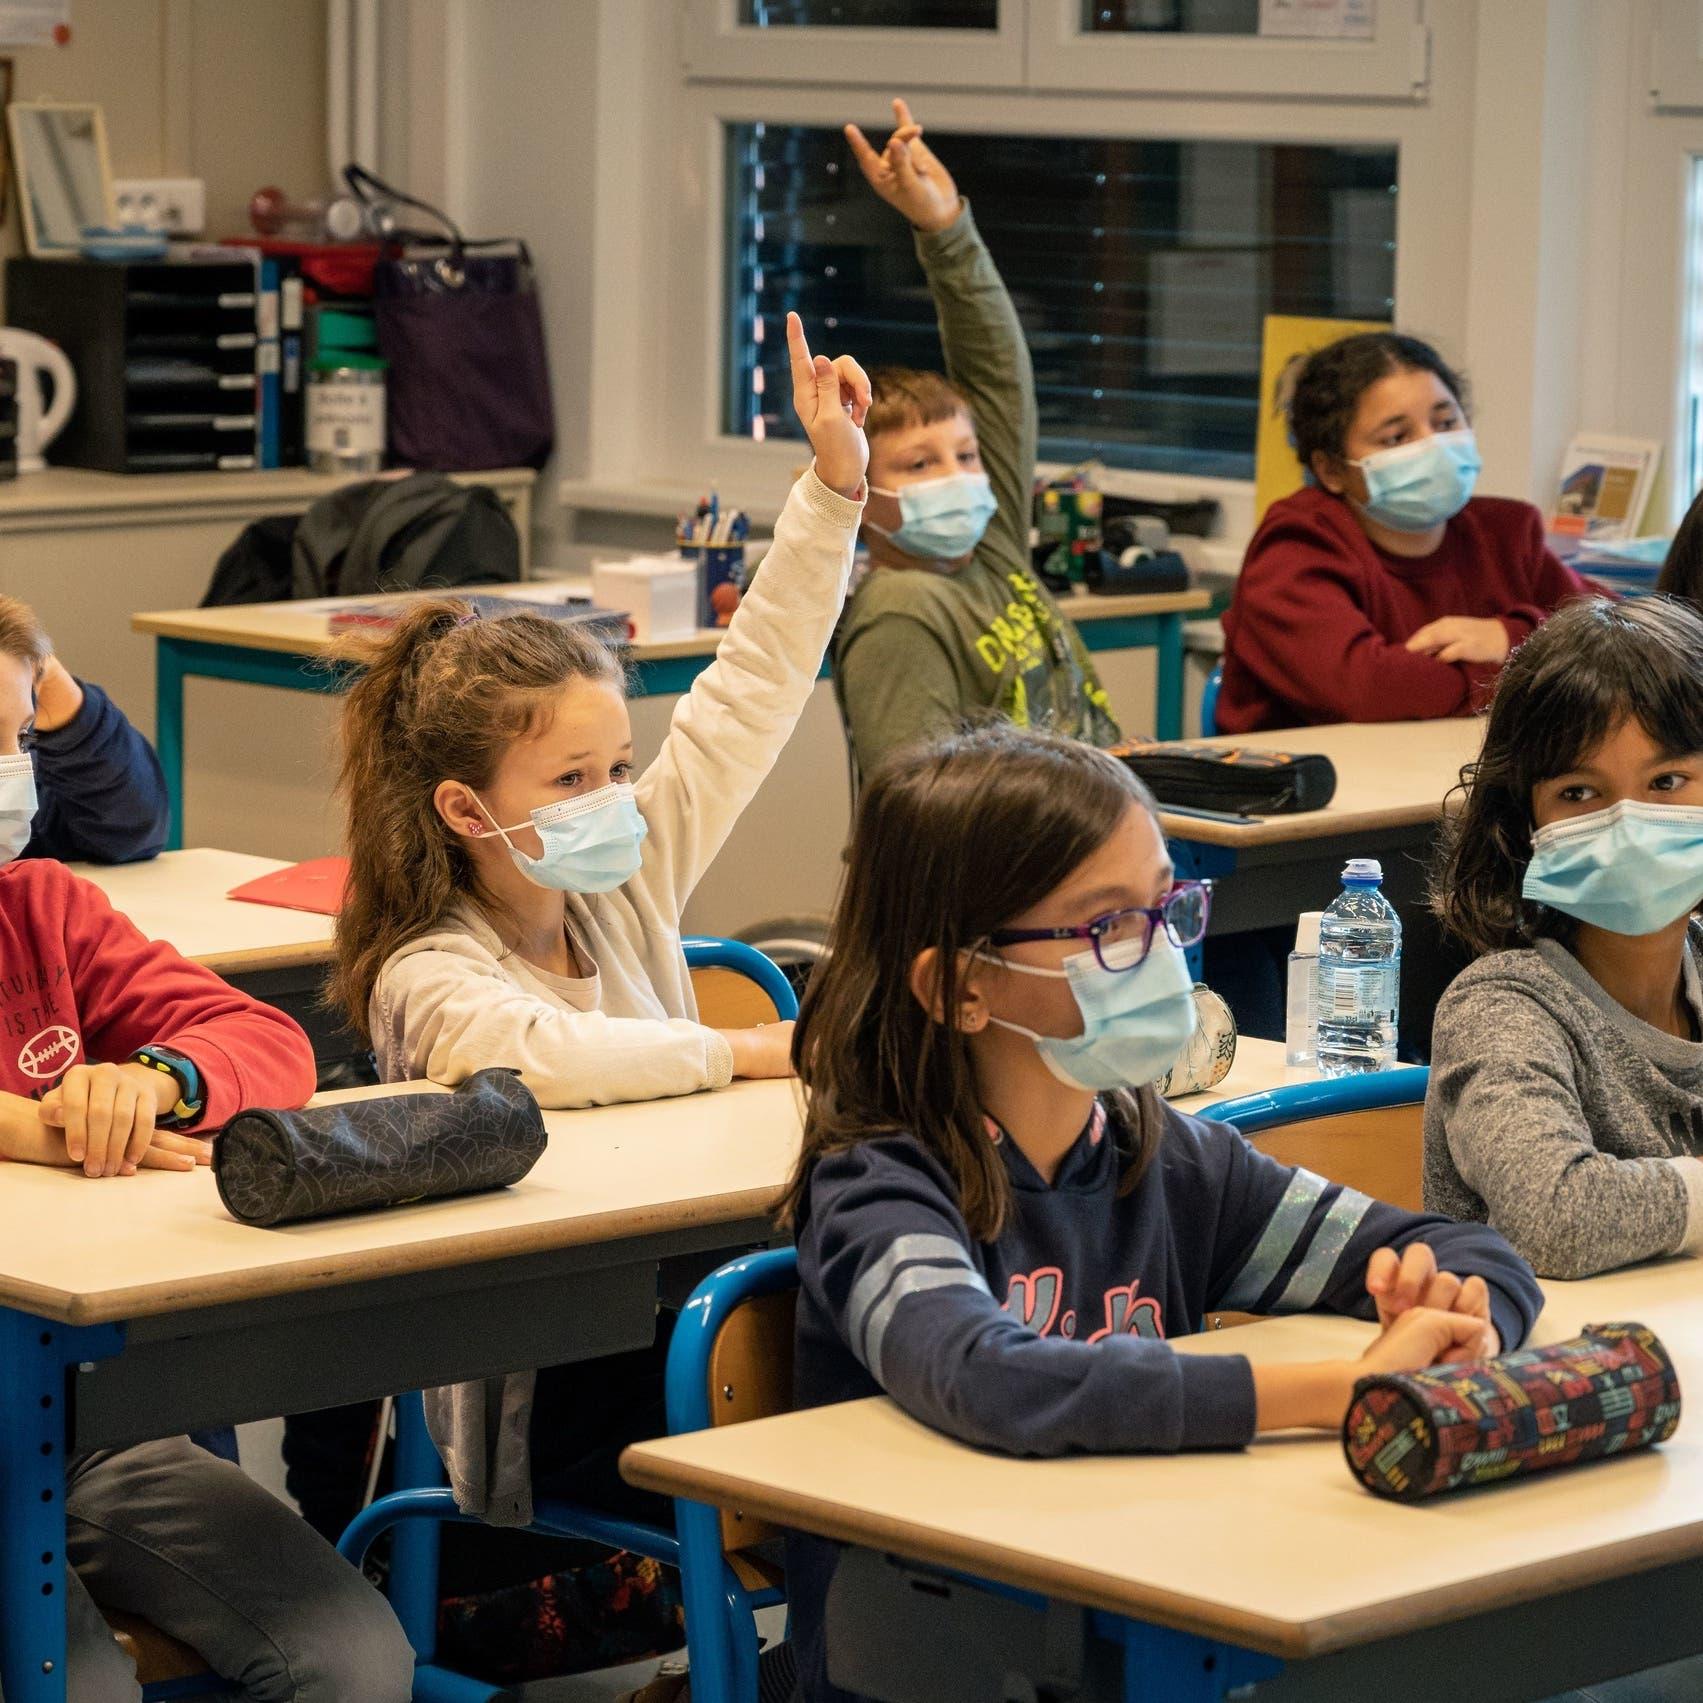 منظمة الصحة تنصح بإبقاء المدارس مفتوحة رغم طفرة الإصابات